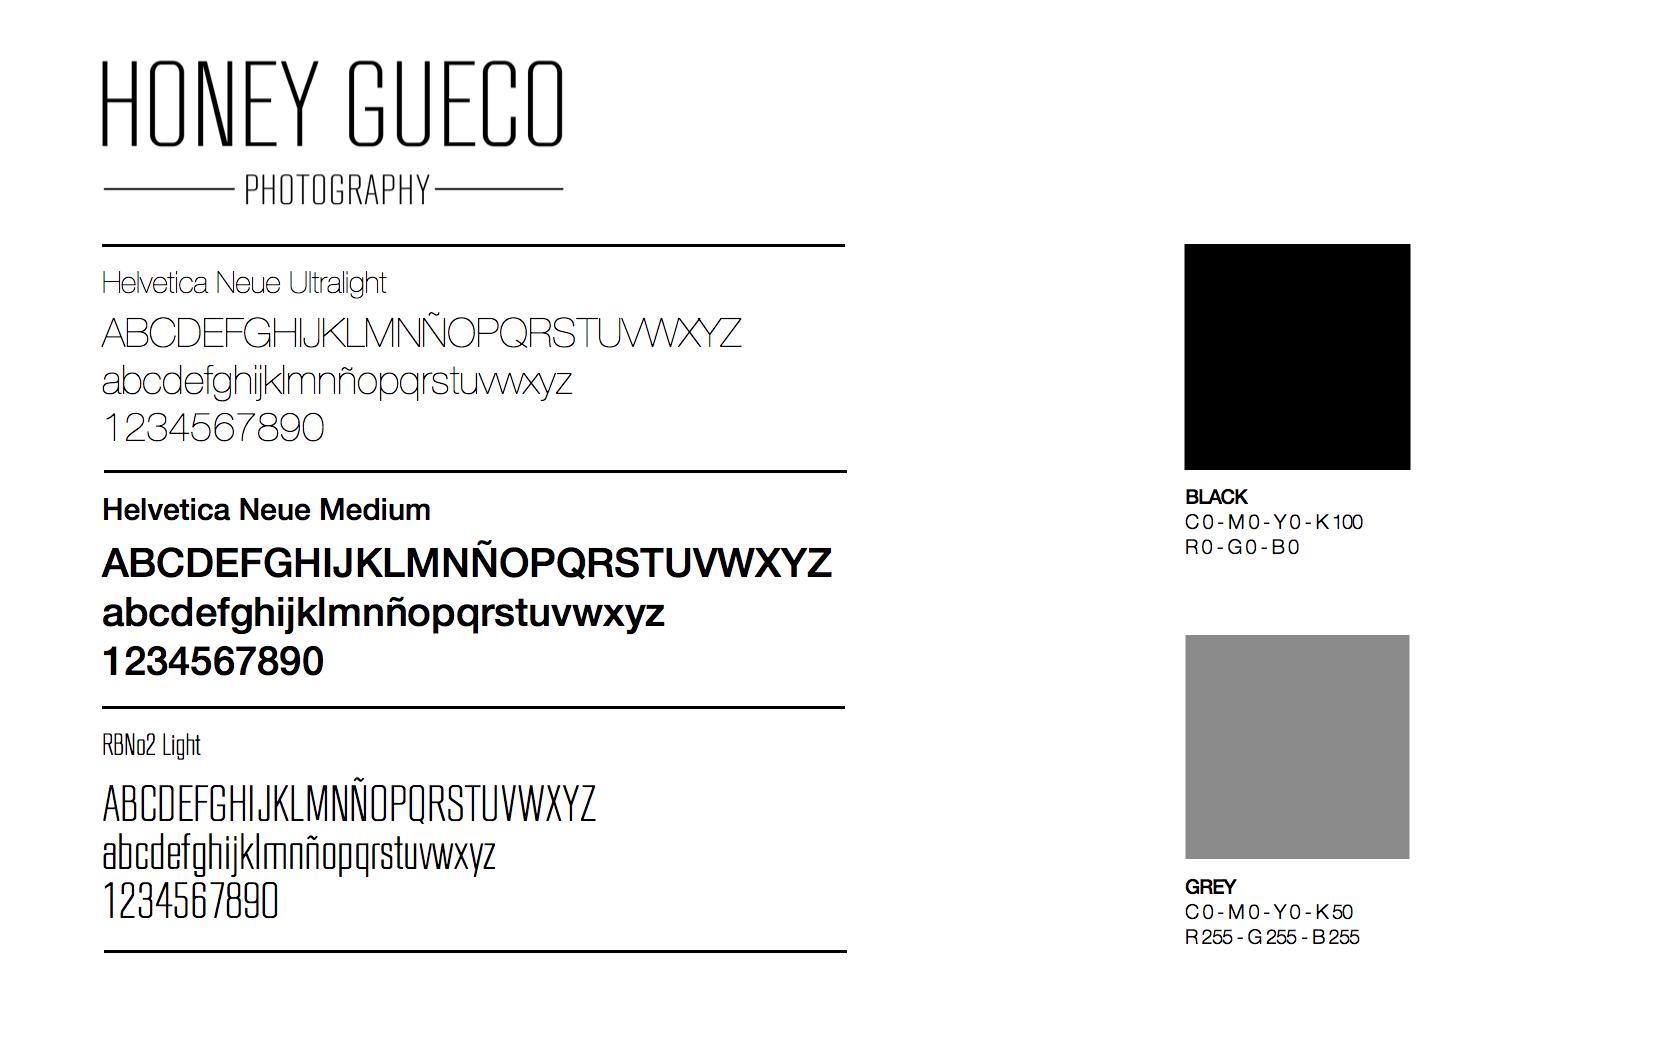 HONEY GUECO 06.jpg